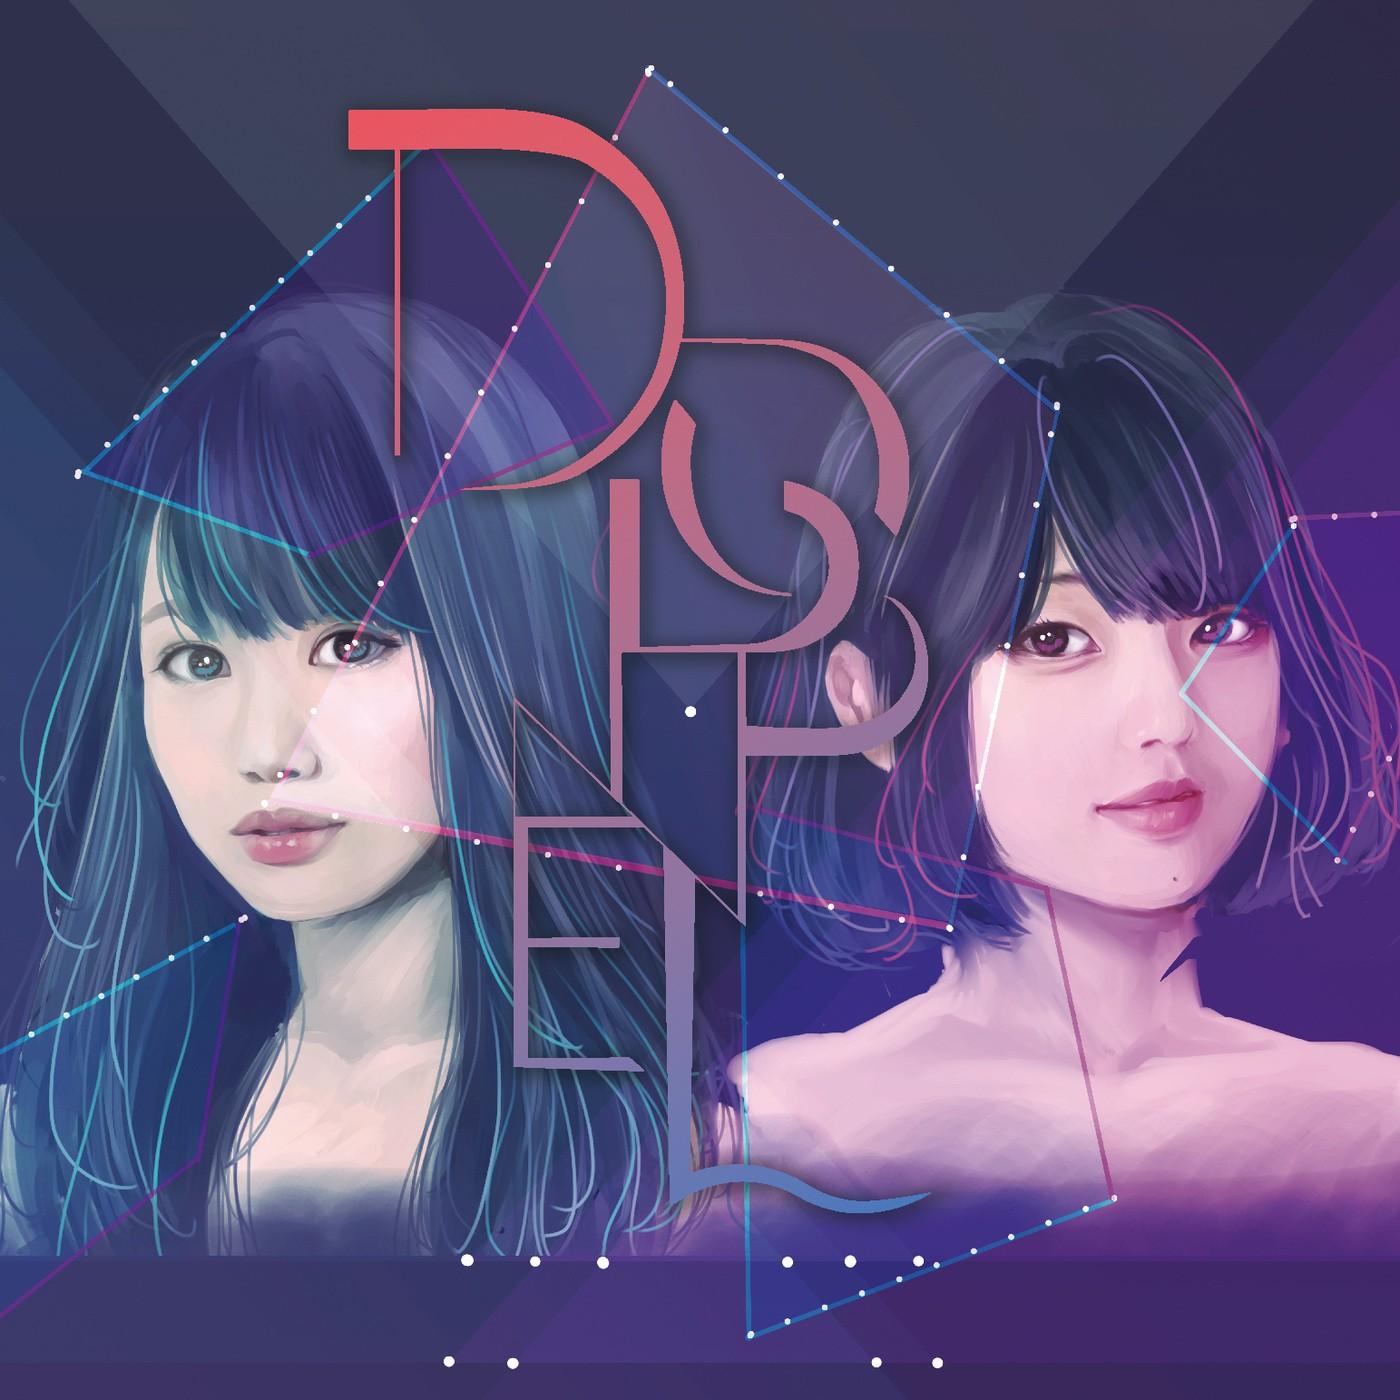 嗚呼 (AH) – DOPPEL [FLAC + MP3 320 / WEB] [2018.07.11]